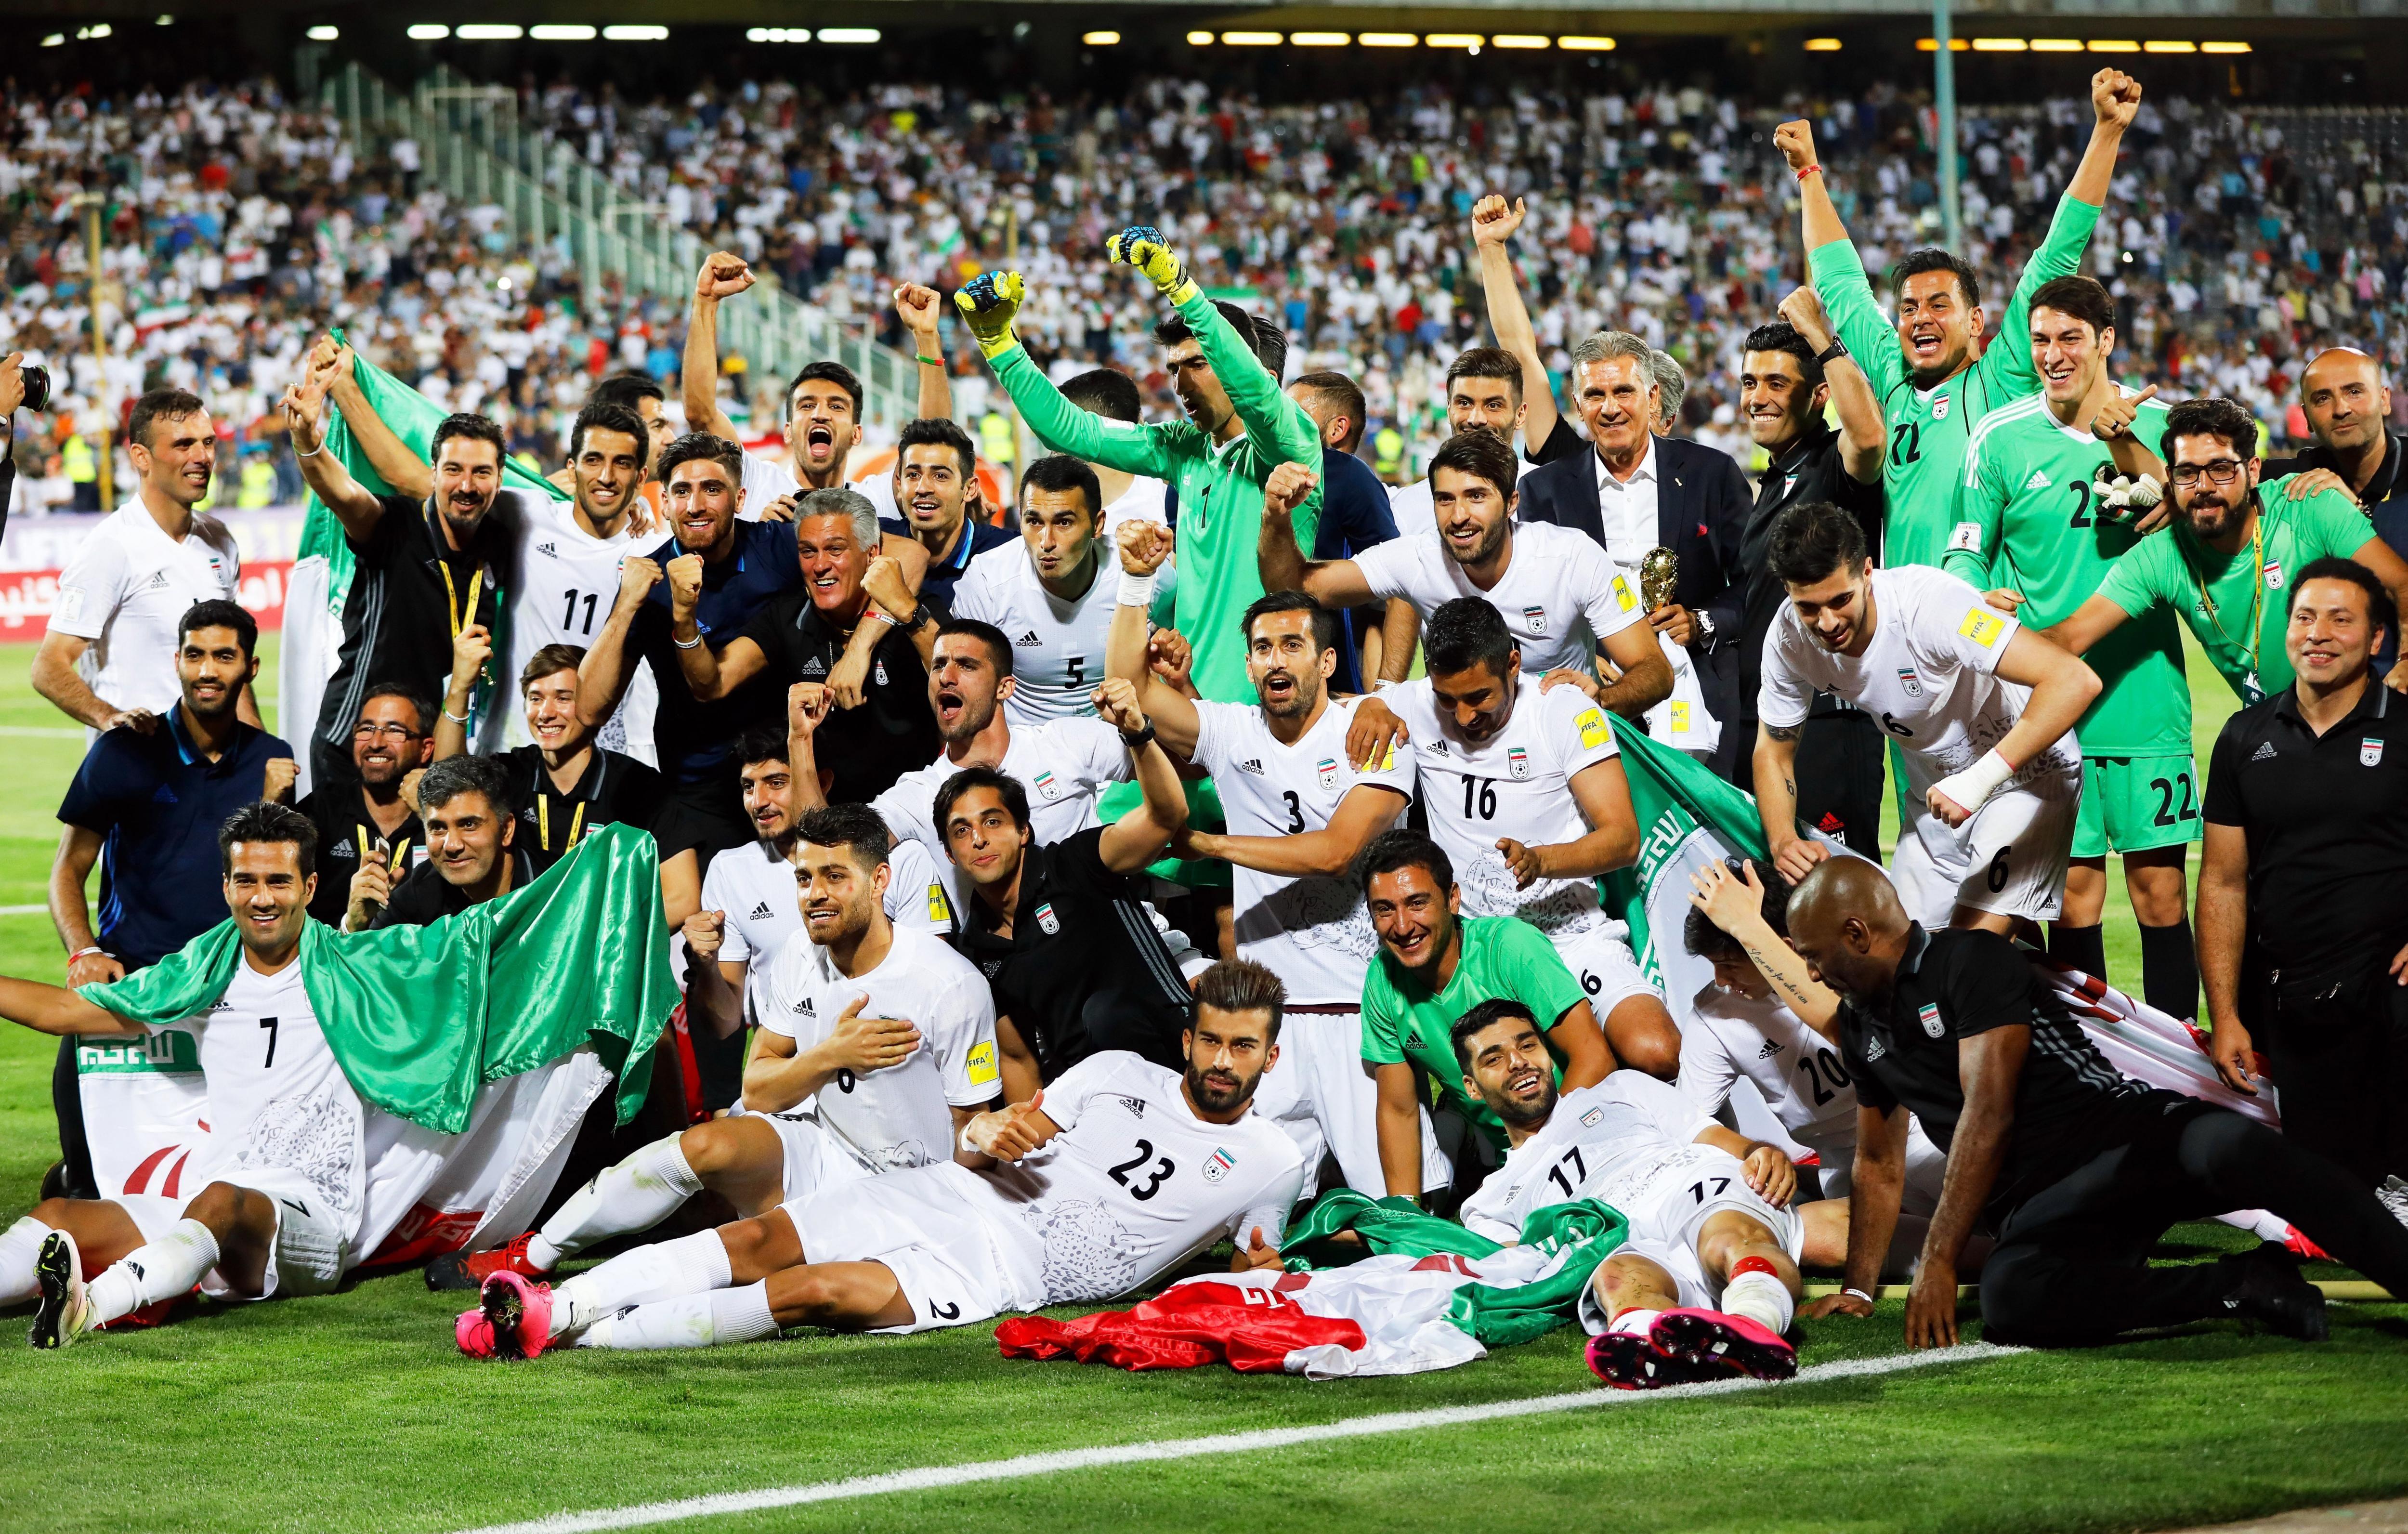 La celebración de los dirigidos por Queiroz tras la clasificación